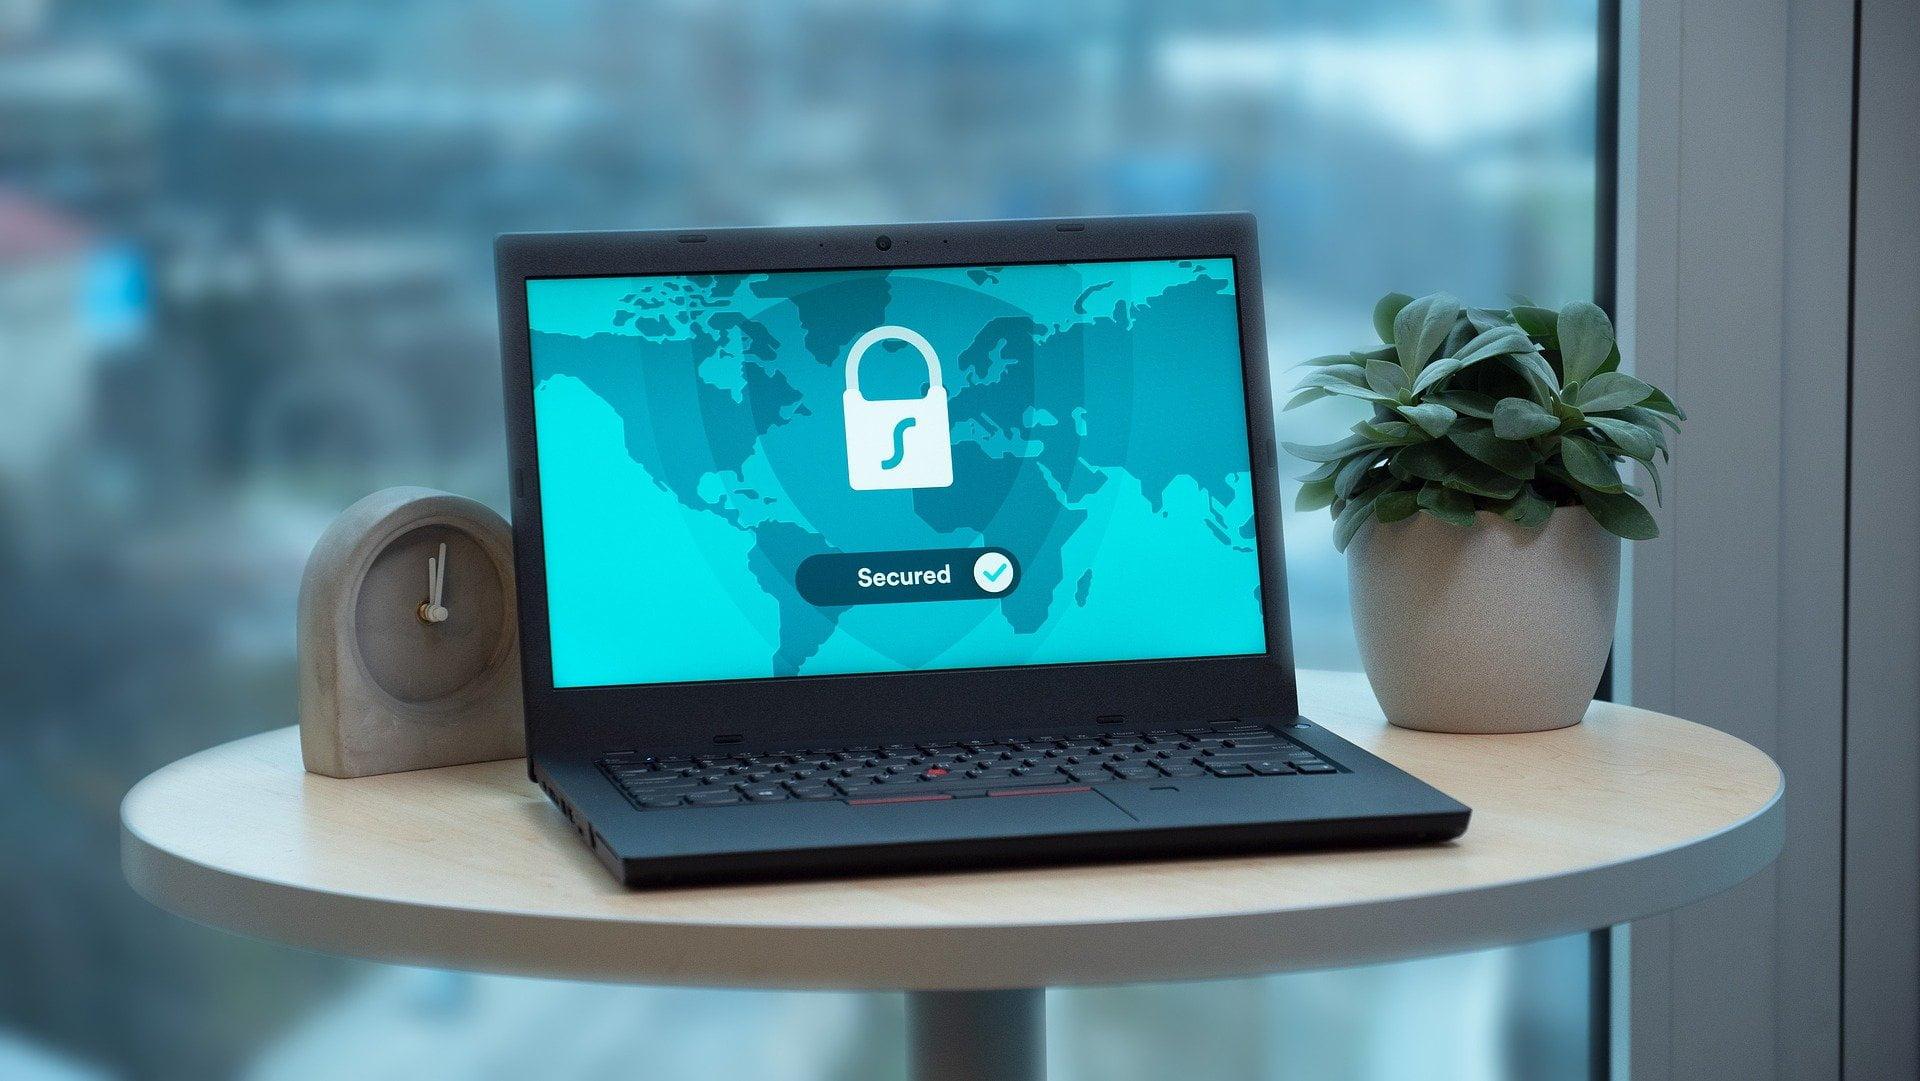 Pourquoi utiliser un VPN et quel est le meilleur service VPN à utiliser ?